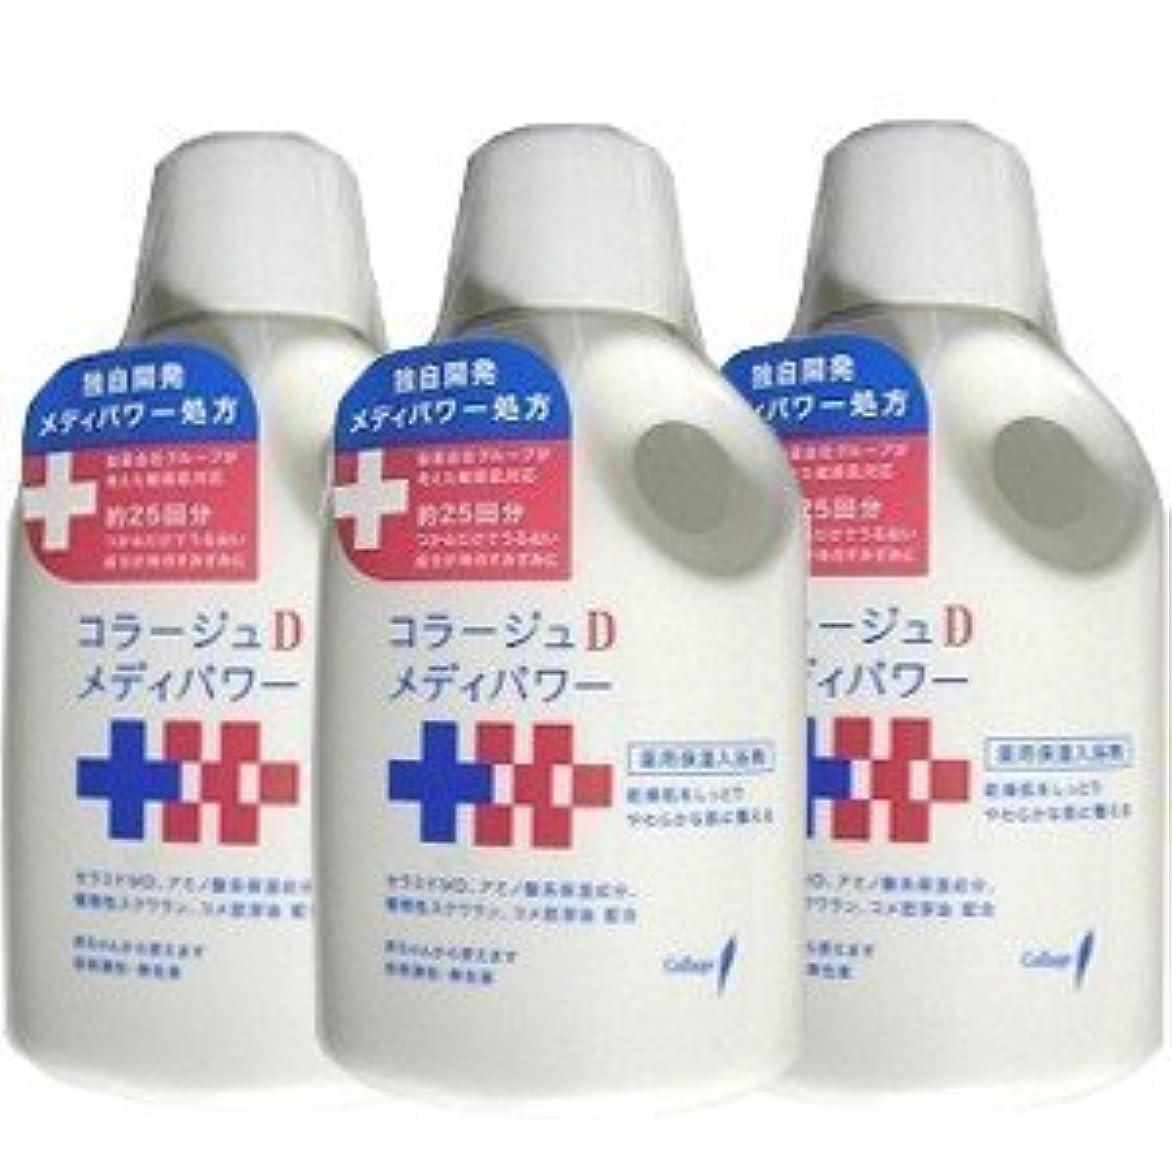 出血取り壊す必要【3本】コラージュD メディパワー保湿入浴剤 500mlx3本